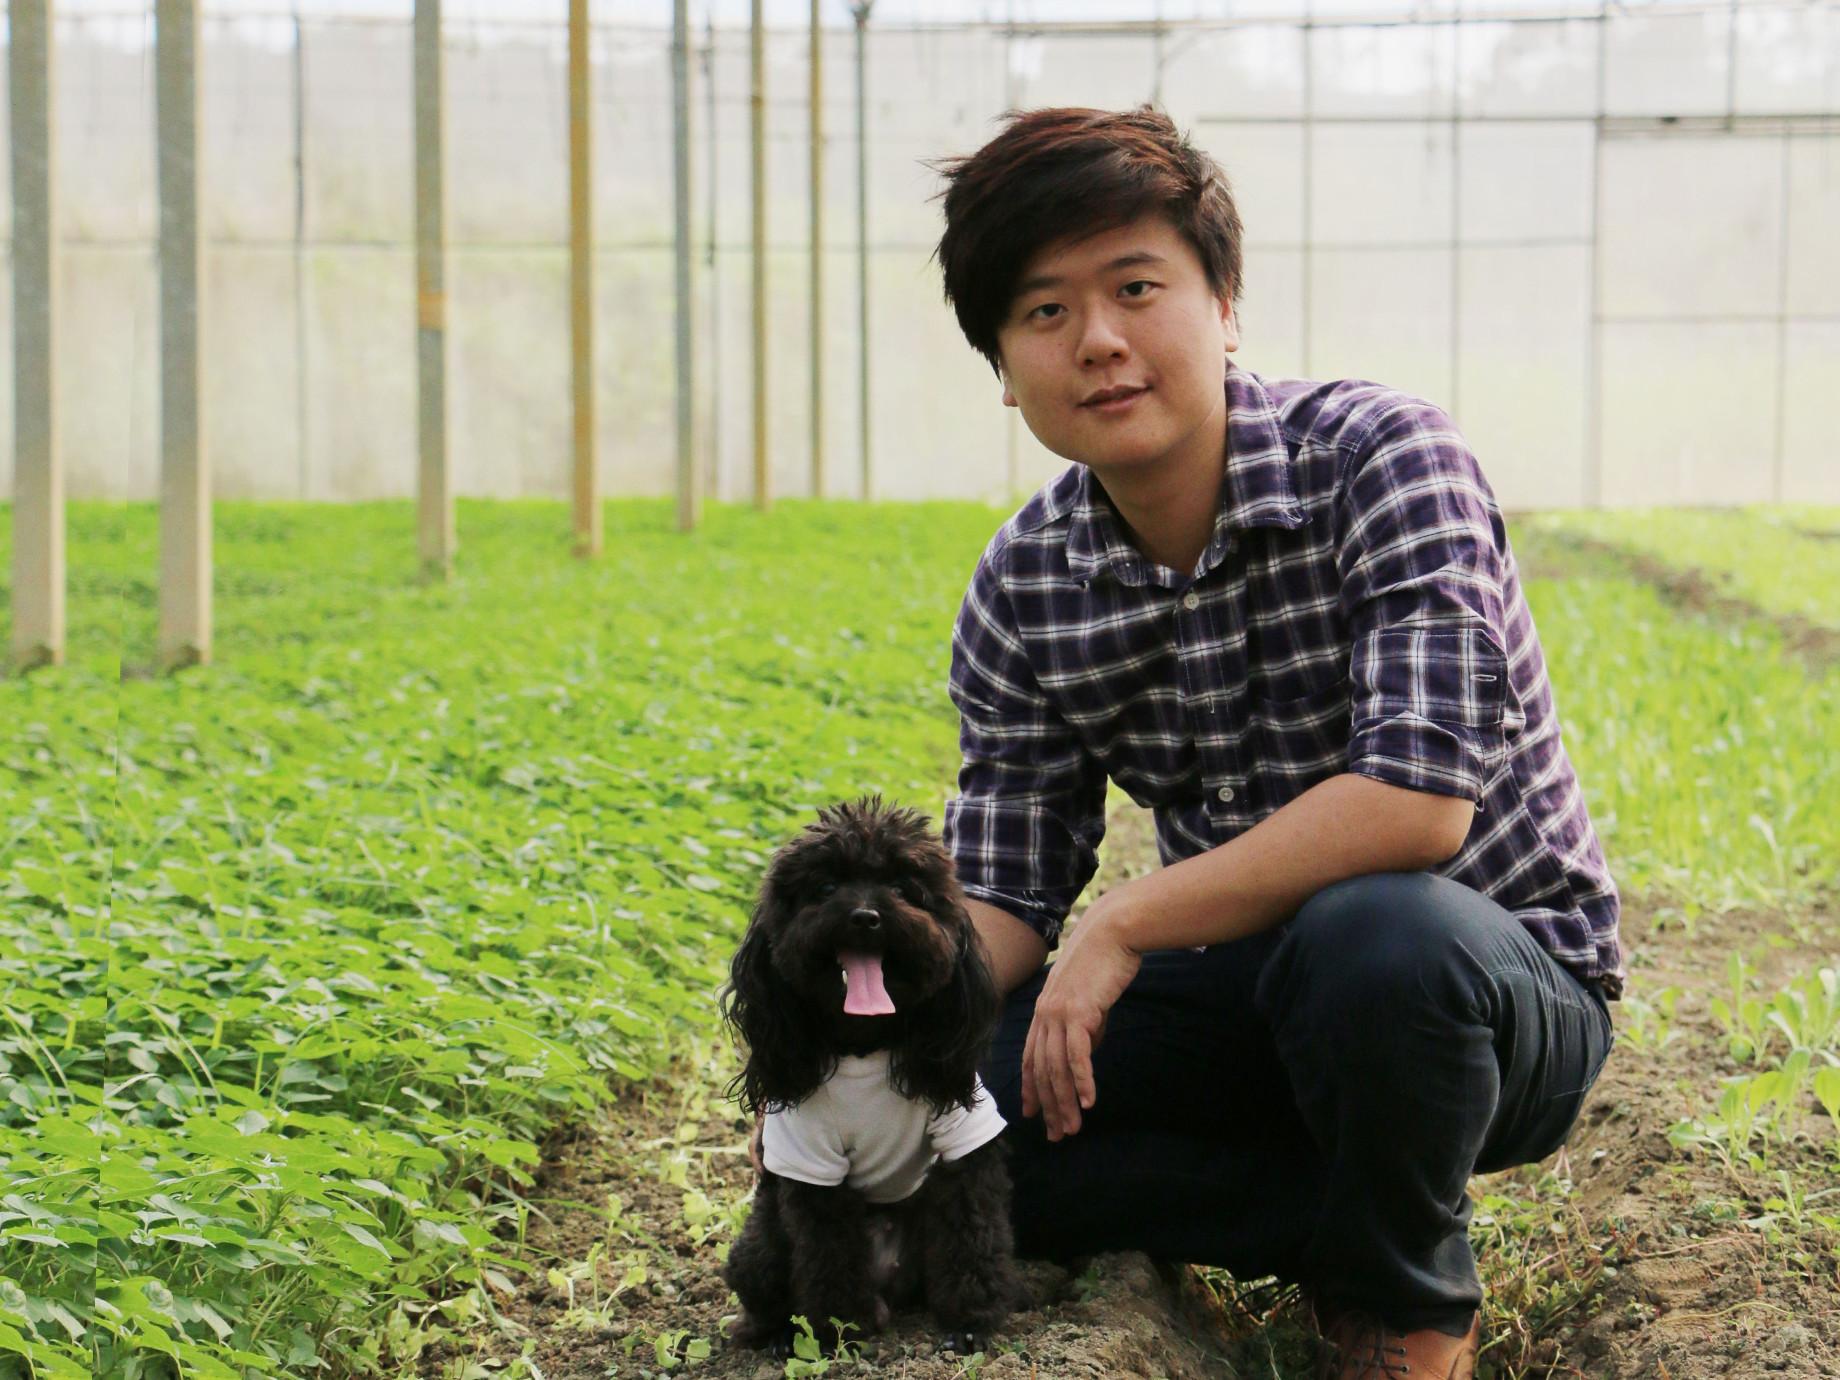 台灣自媒體協會企業報導》好理念如何走向商業化?Doggy Willie3大推廣帶動知識銷售